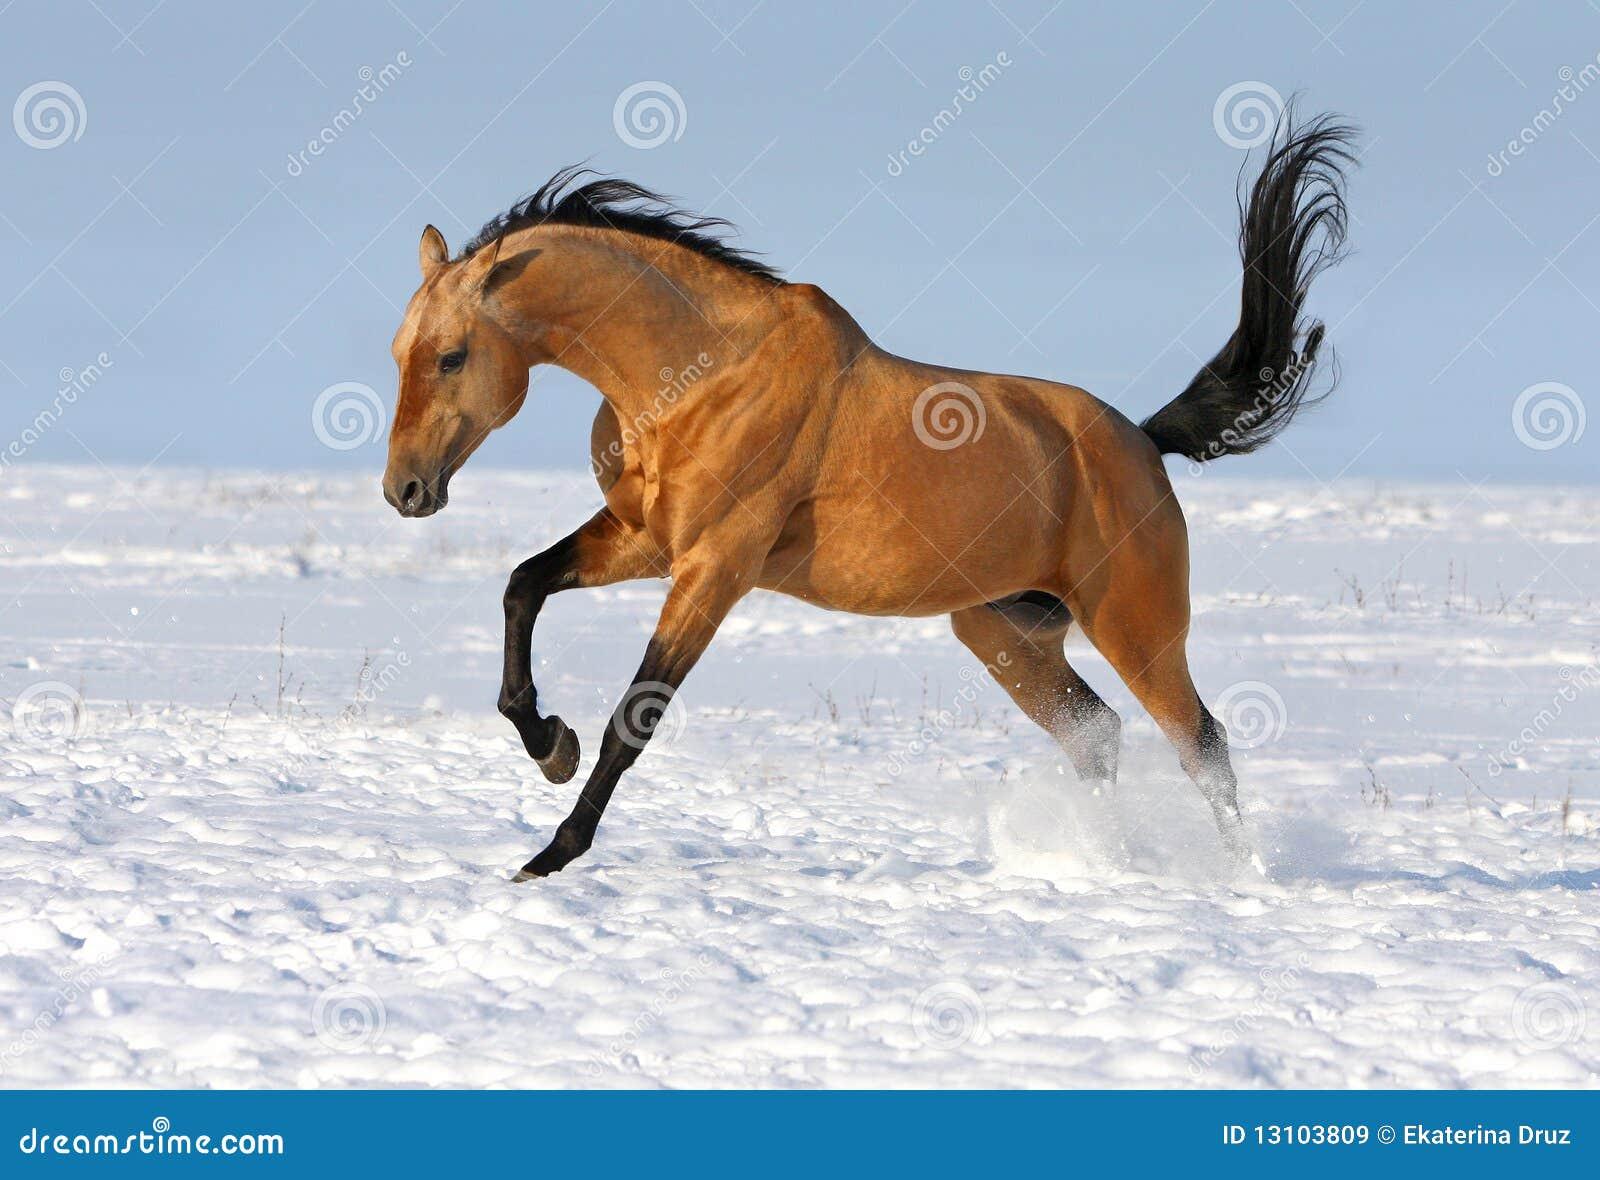 Golden Akhalteke Stallion Running Stock Image Image Of Horse Black 13103809